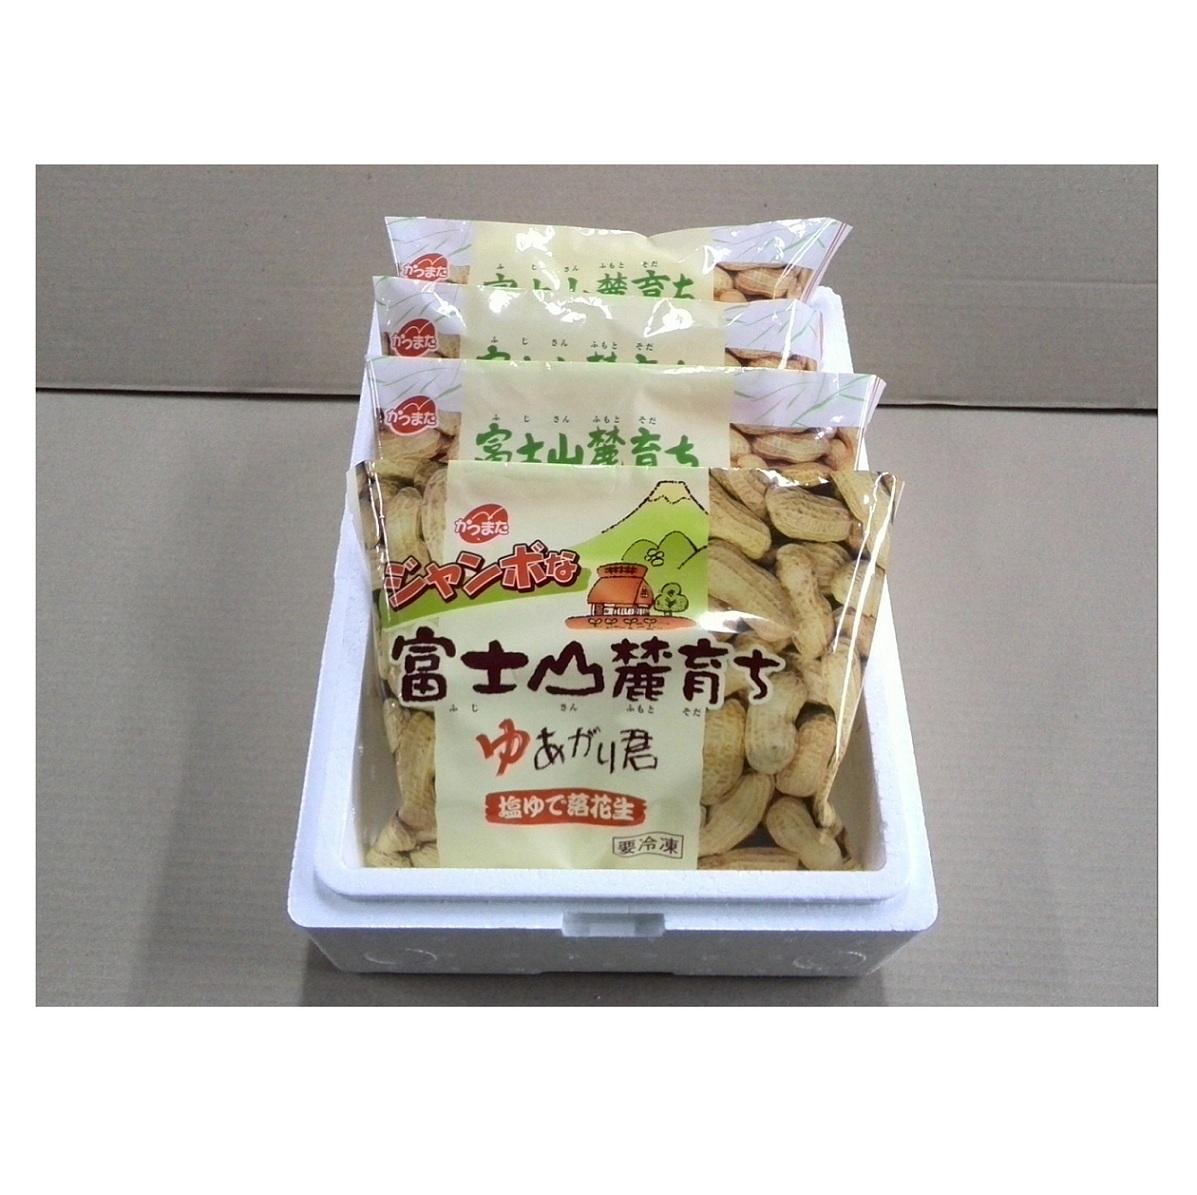 【ふるさと納税】1047冷凍ゆで落花生「富士山麓育ち」